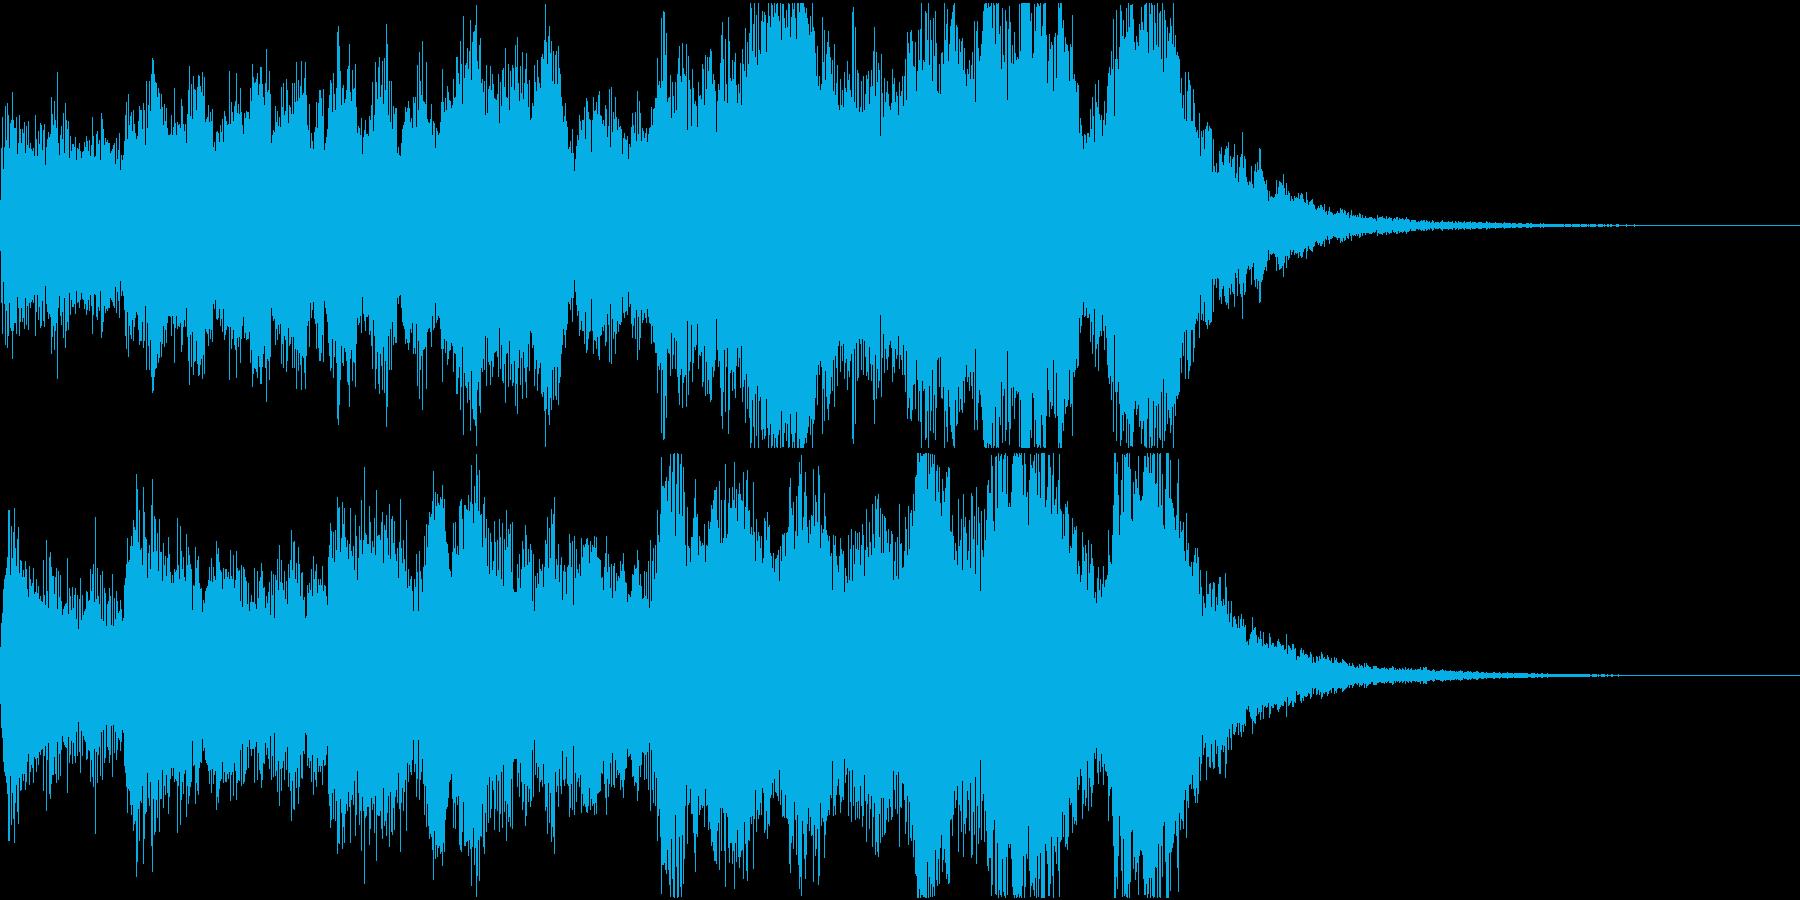 明るい始まりのオーケストラファンファーレの再生済みの波形